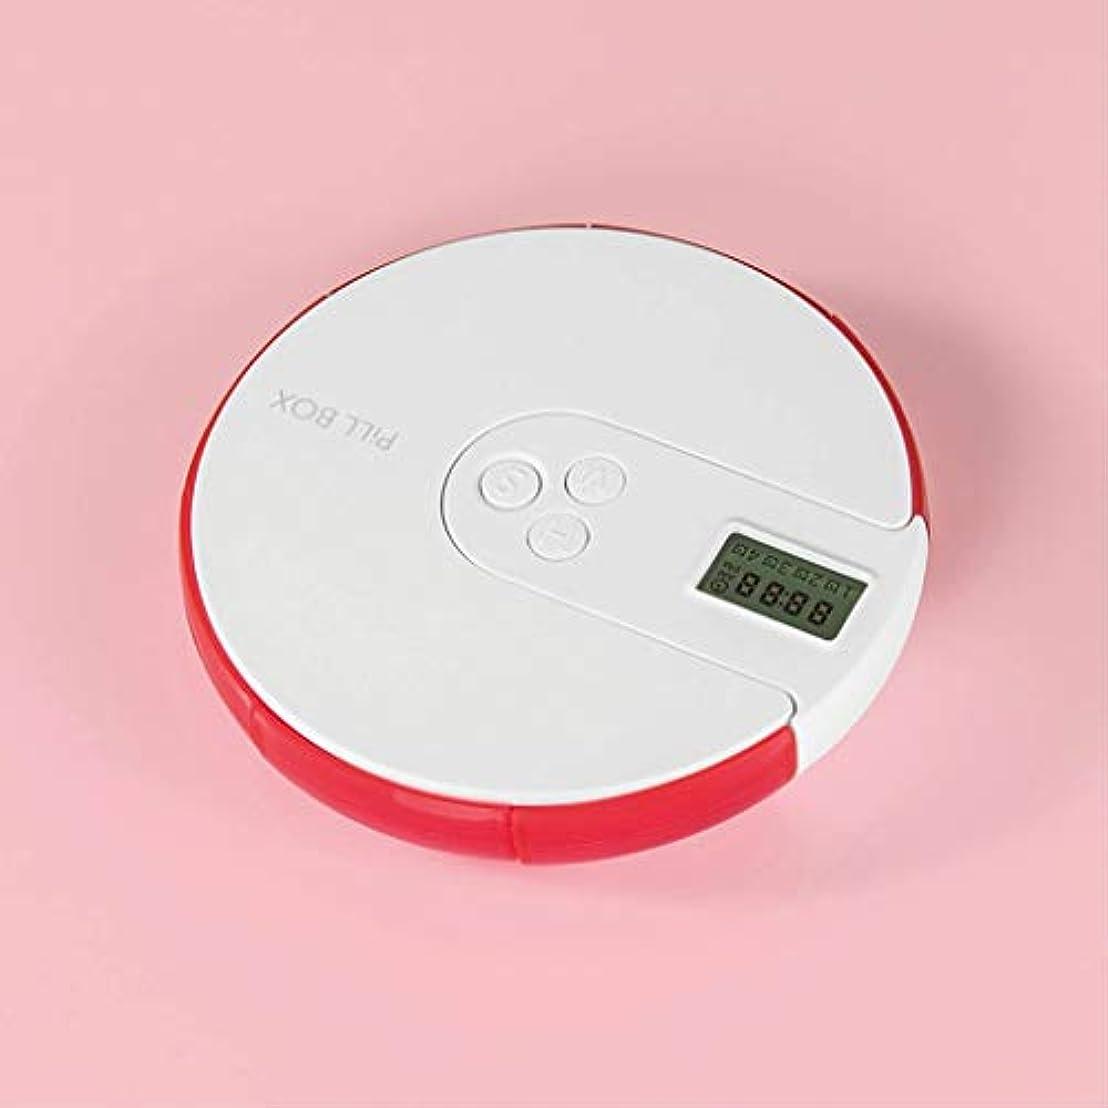 スマートタイミング家庭用ピルボックス一週間小キットピルボックスポータブルミニ電子キット薬のリマインダーポータブルキット LIUXIN (Color : Red, Size : 11cm×2cm)